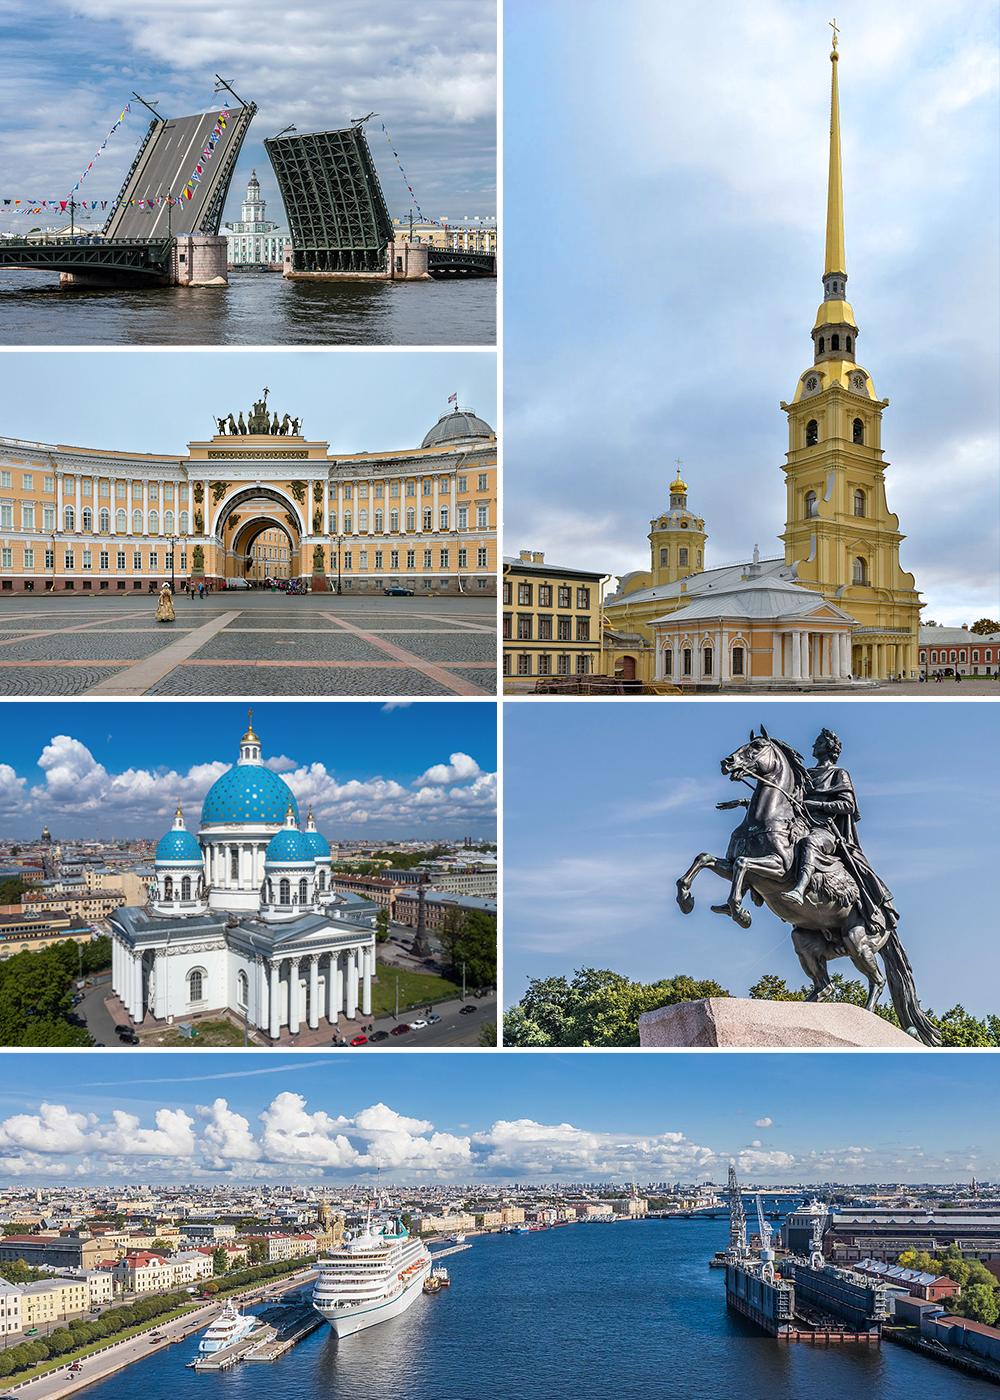 санкт петербург москва сколько занимаетсовком кредит наличными онлайн заявка